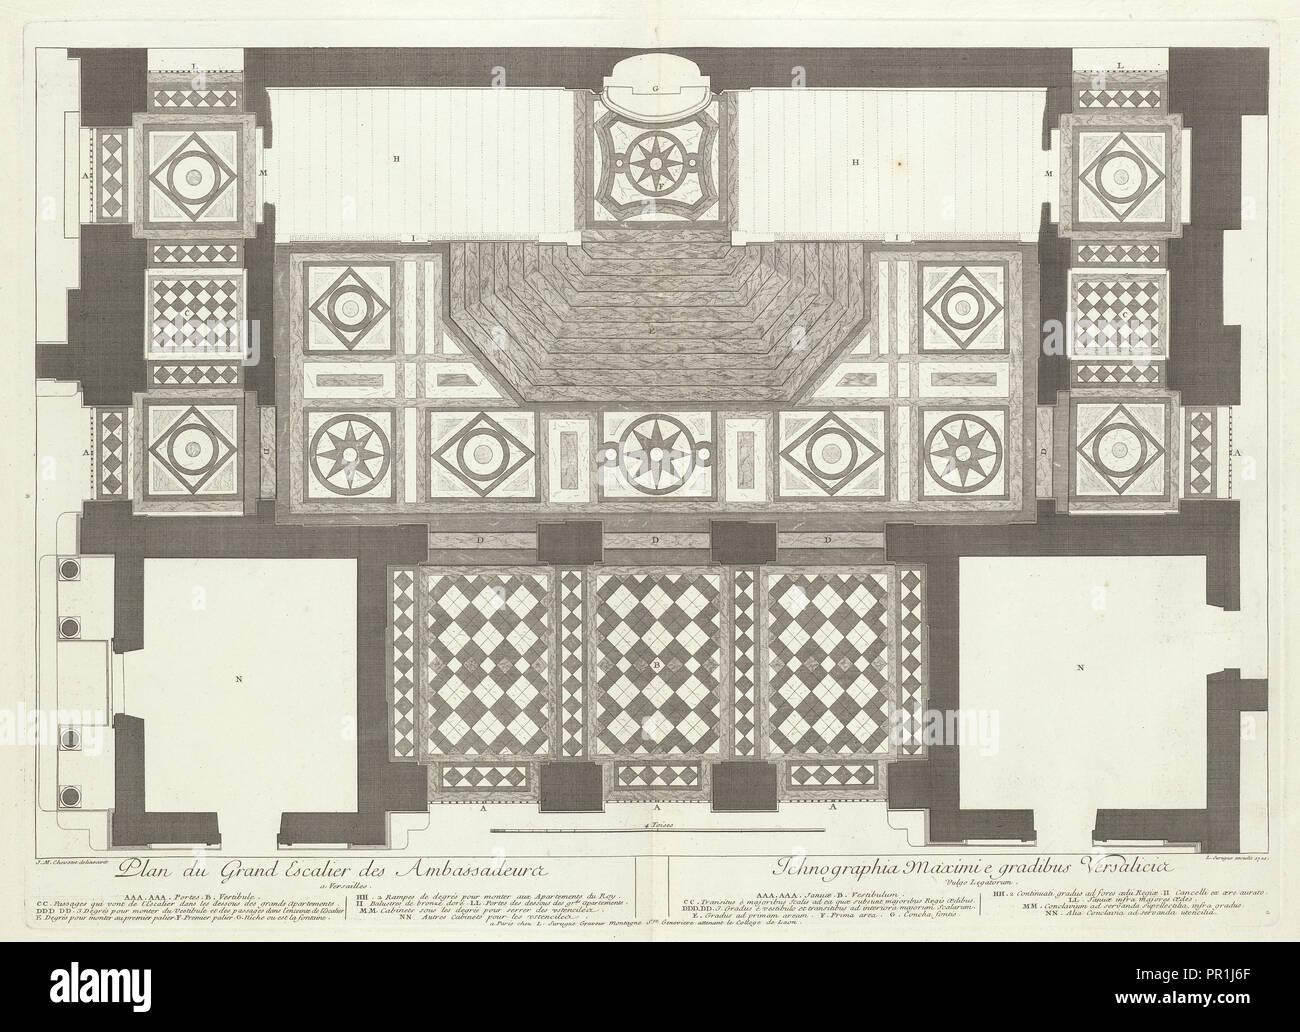 Plan du Grand Escalier des ambassadeurs ein Versailles ...